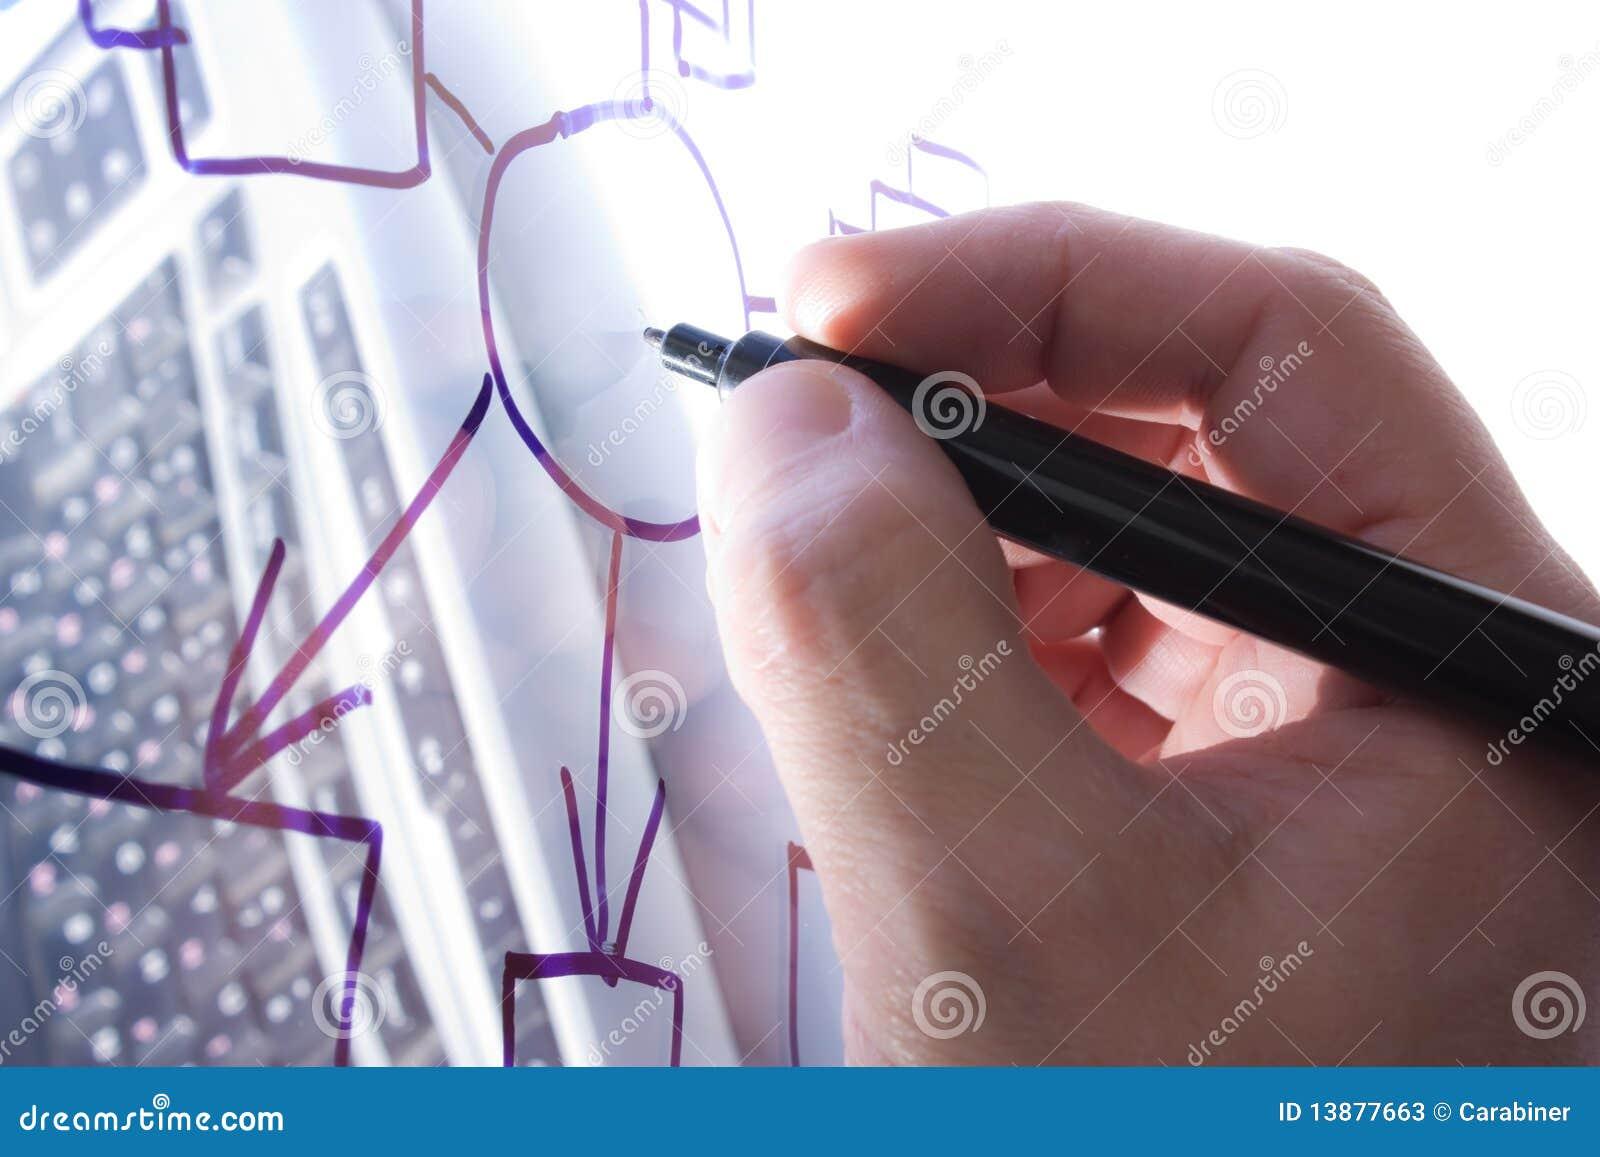 Tecknar den genomskinliga glass handen